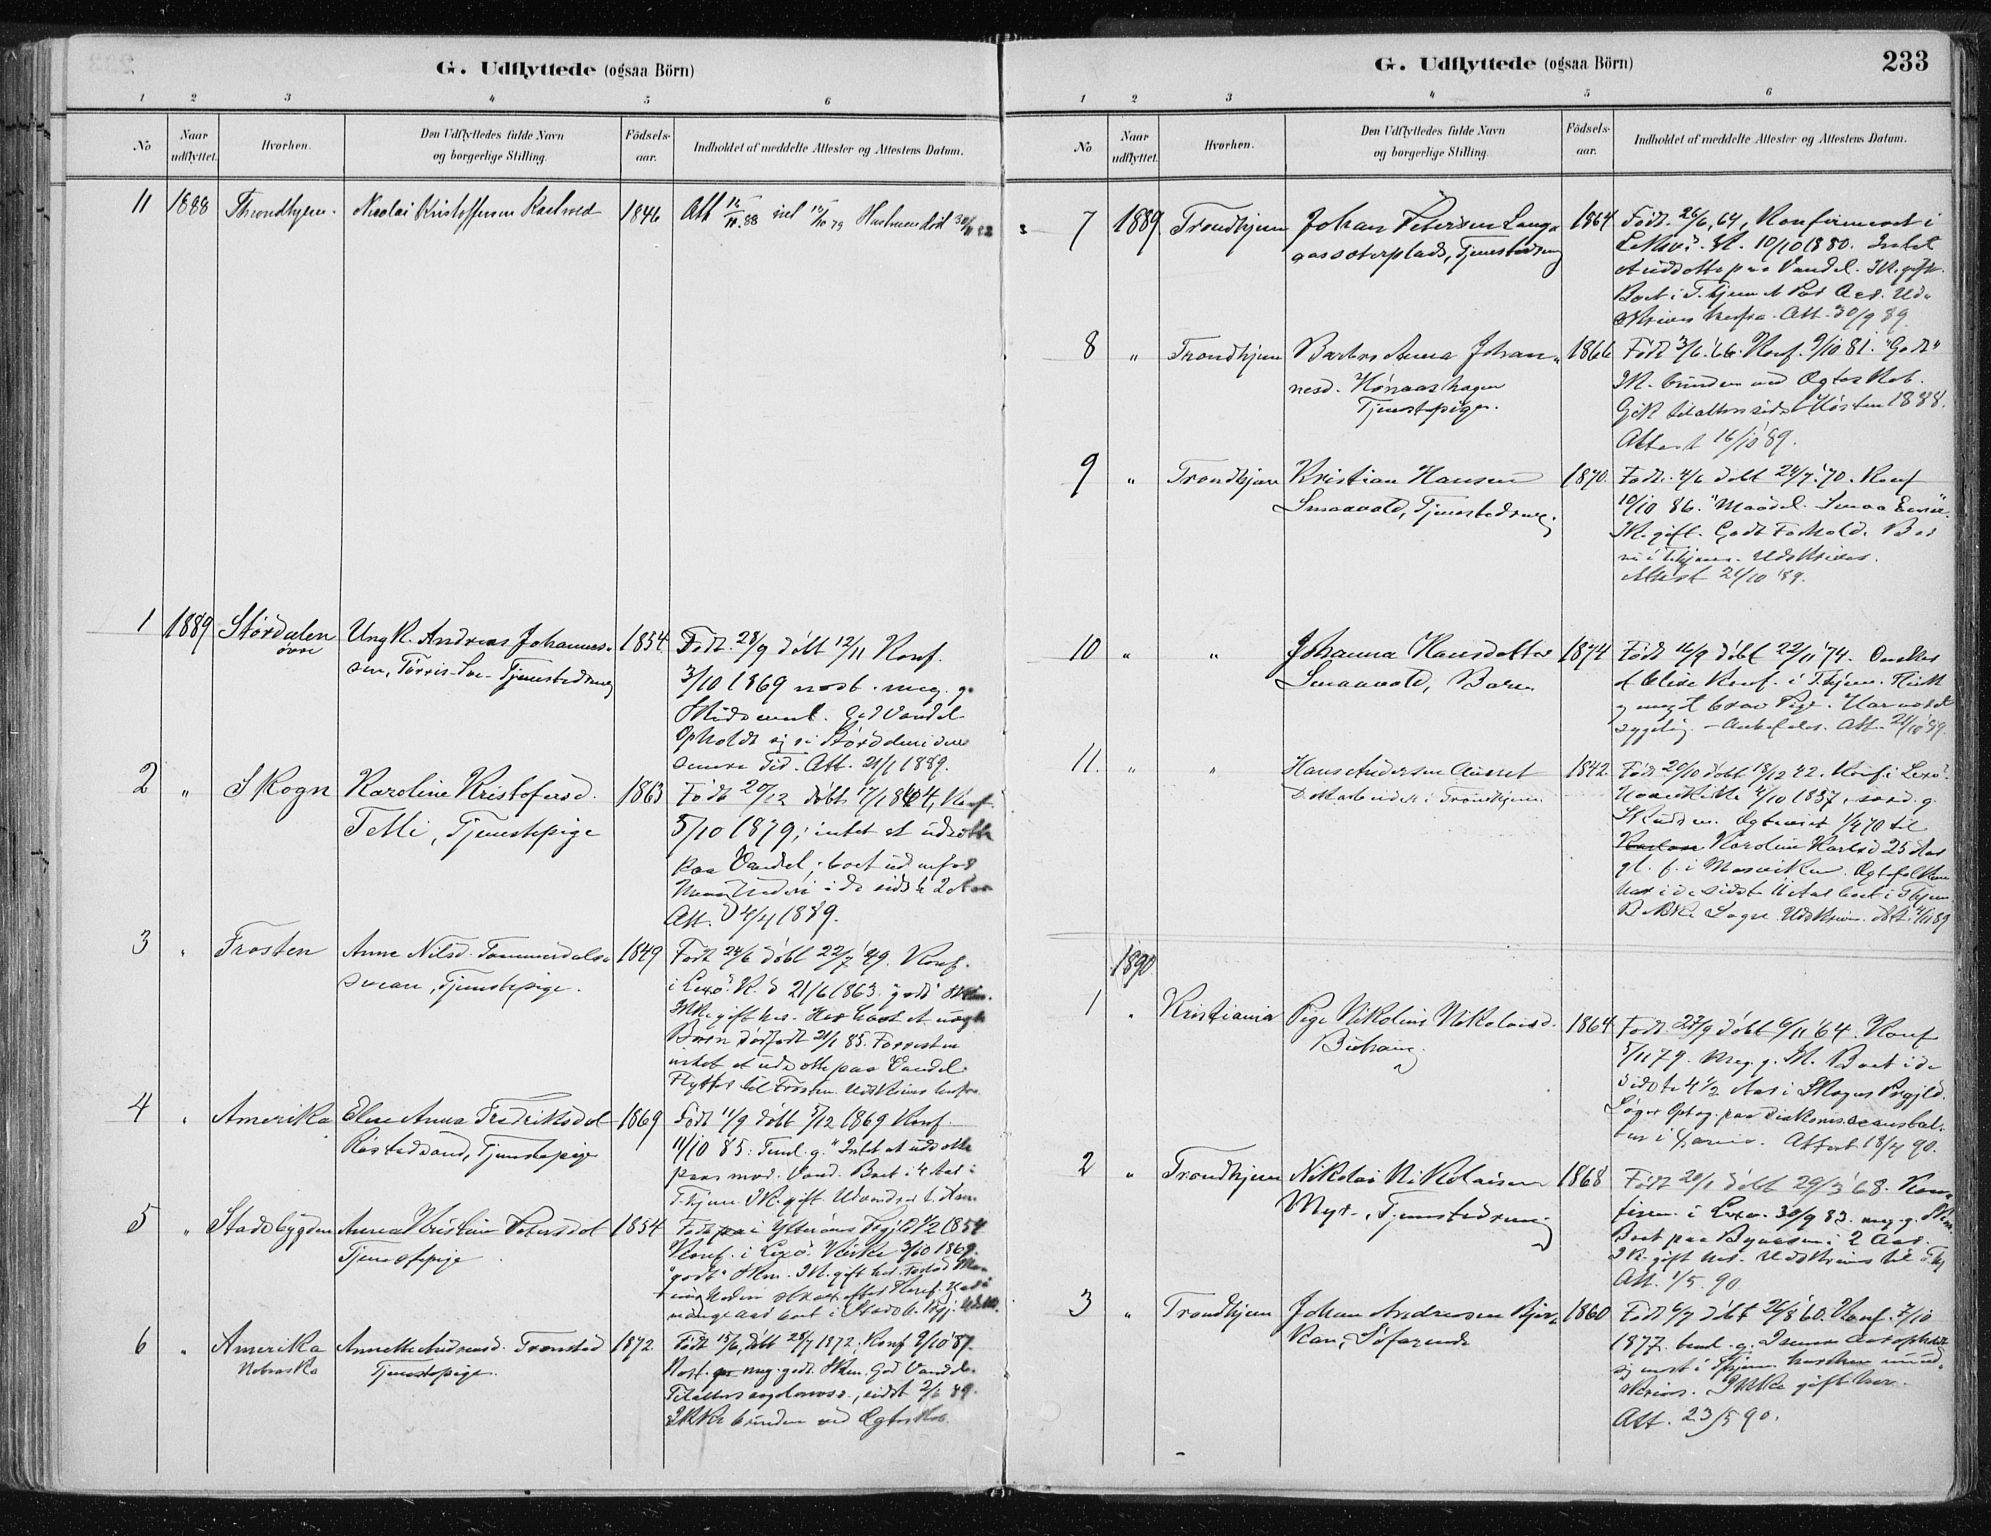 SAT, Ministerialprotokoller, klokkerbøker og fødselsregistre - Nord-Trøndelag, 701/L0010: Parish register (official) no. 701A10, 1883-1899, p. 233